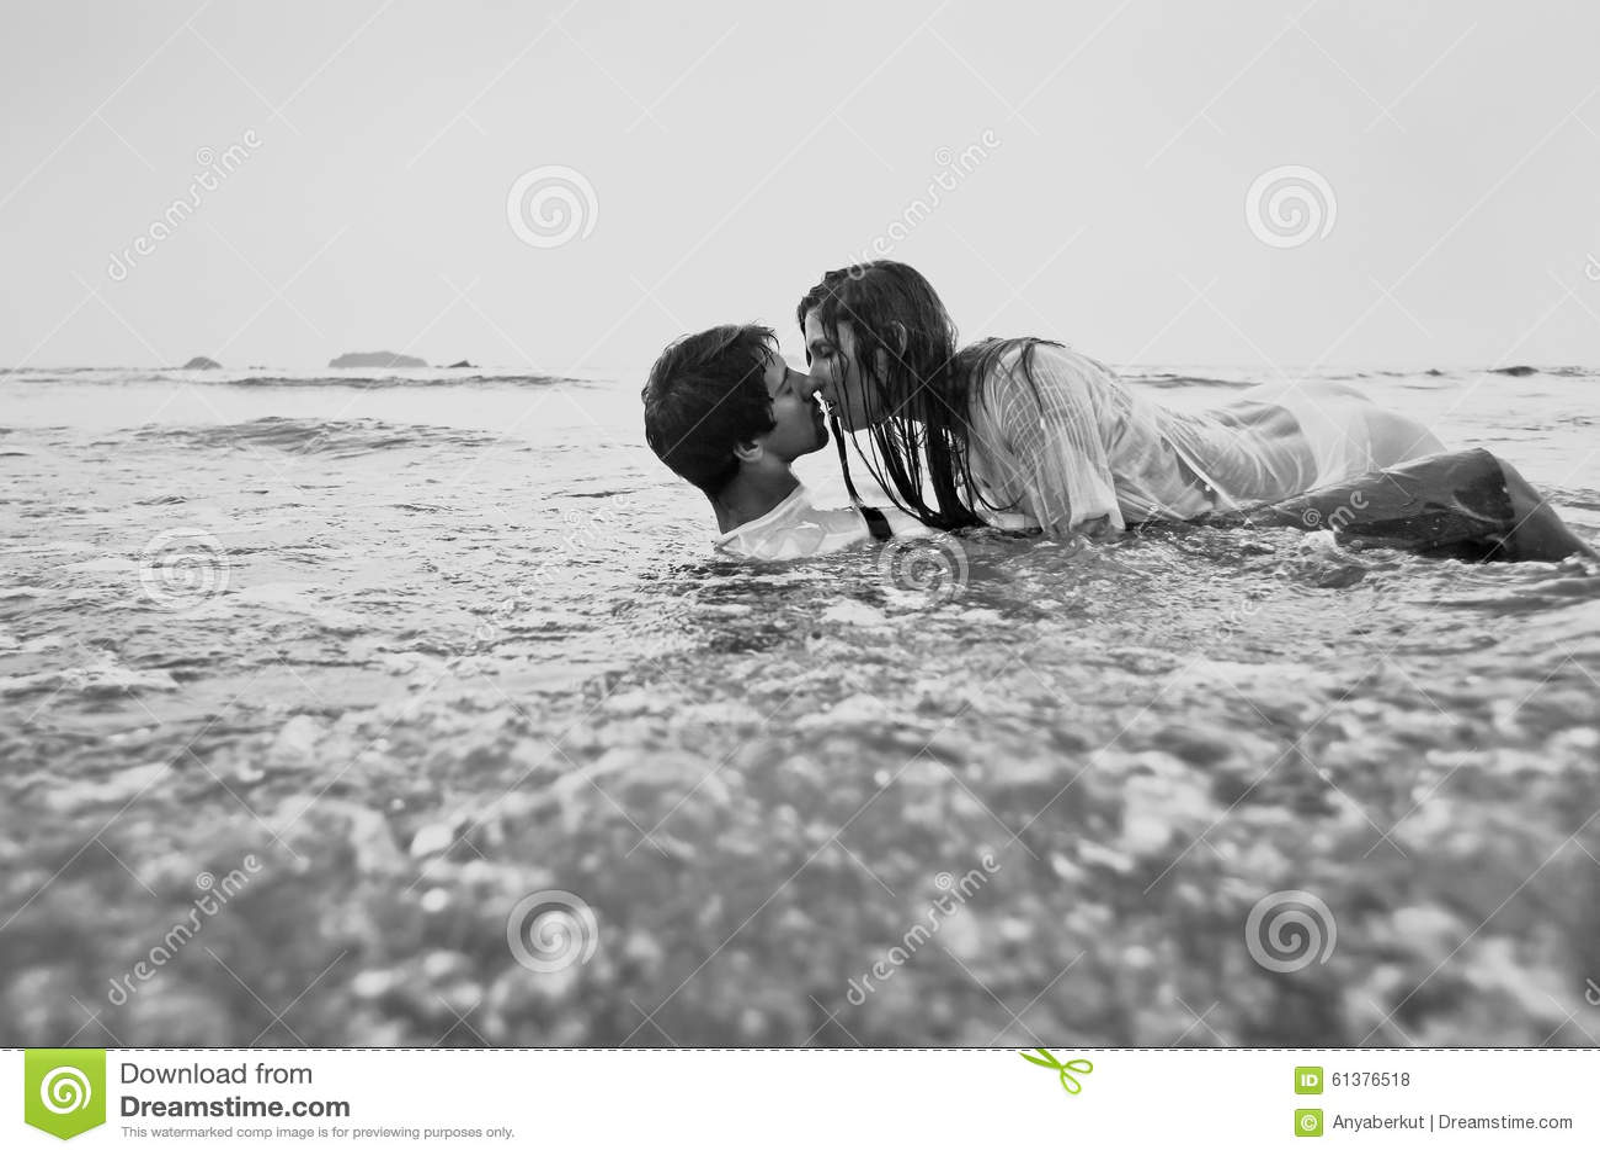 Эксклюзивный секс пляж, кавайные лесби в чулках